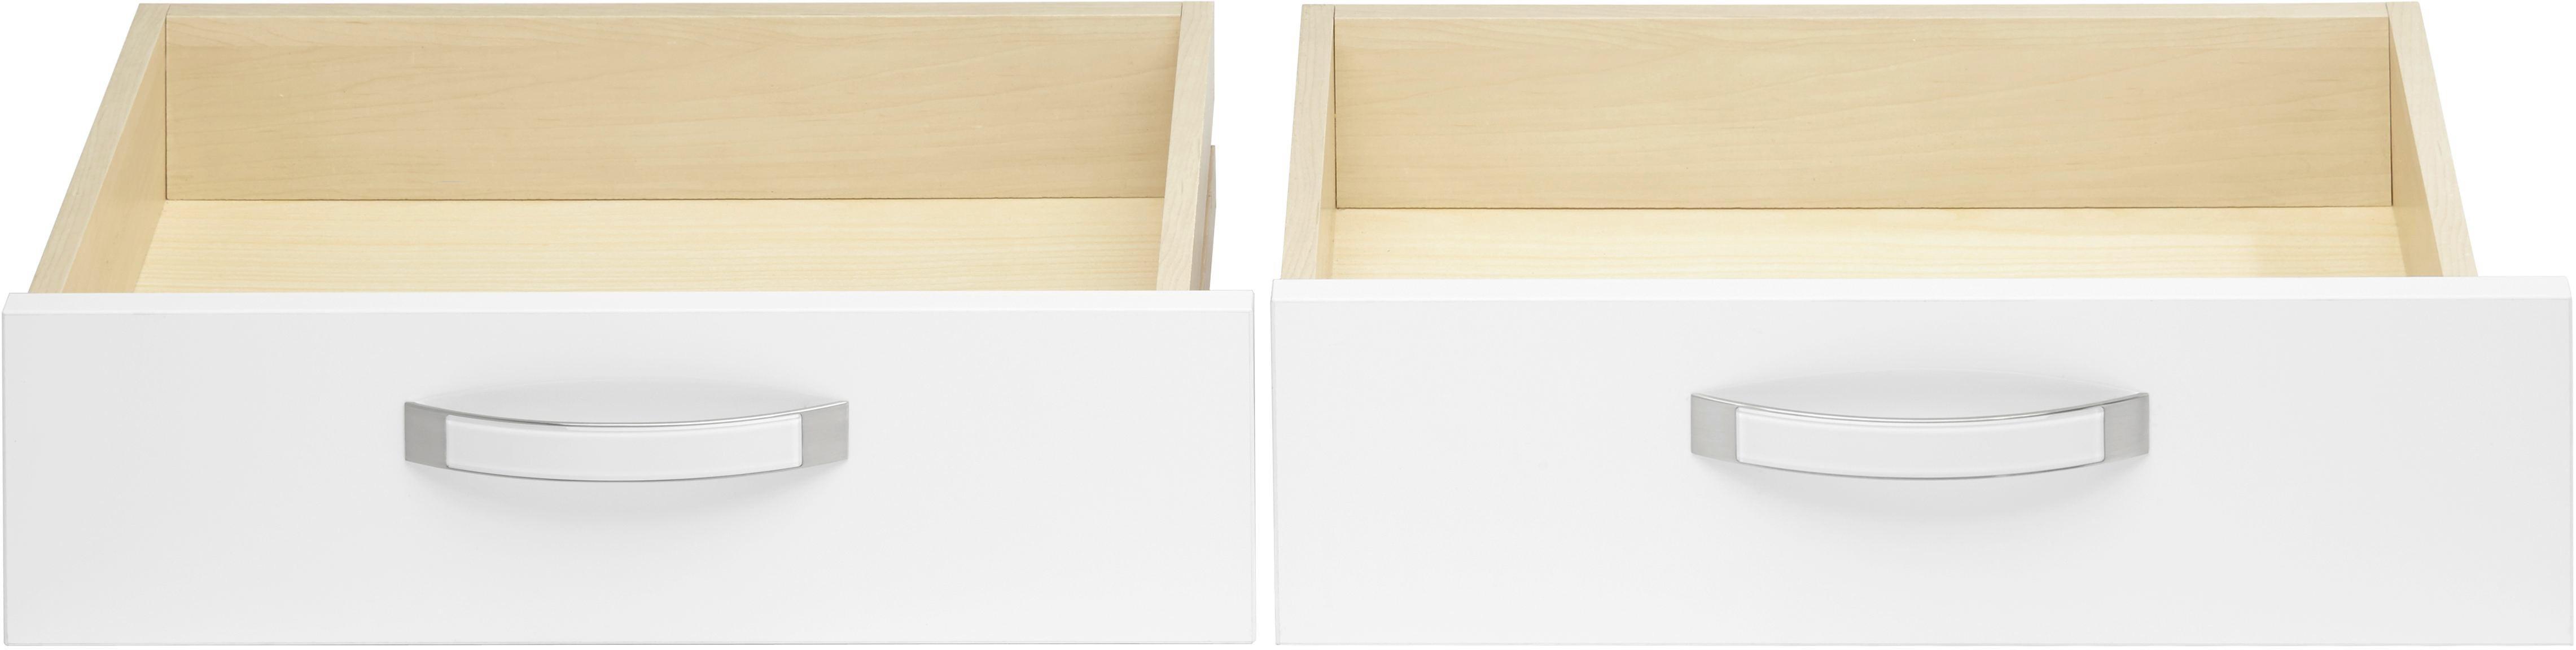 Schubkasteneinsatz in Weiß Hochglanz - Weiß, MODERN, Holz/Kunststoff (56.6/34.9/36.5cm) - PREMIUM LIVING